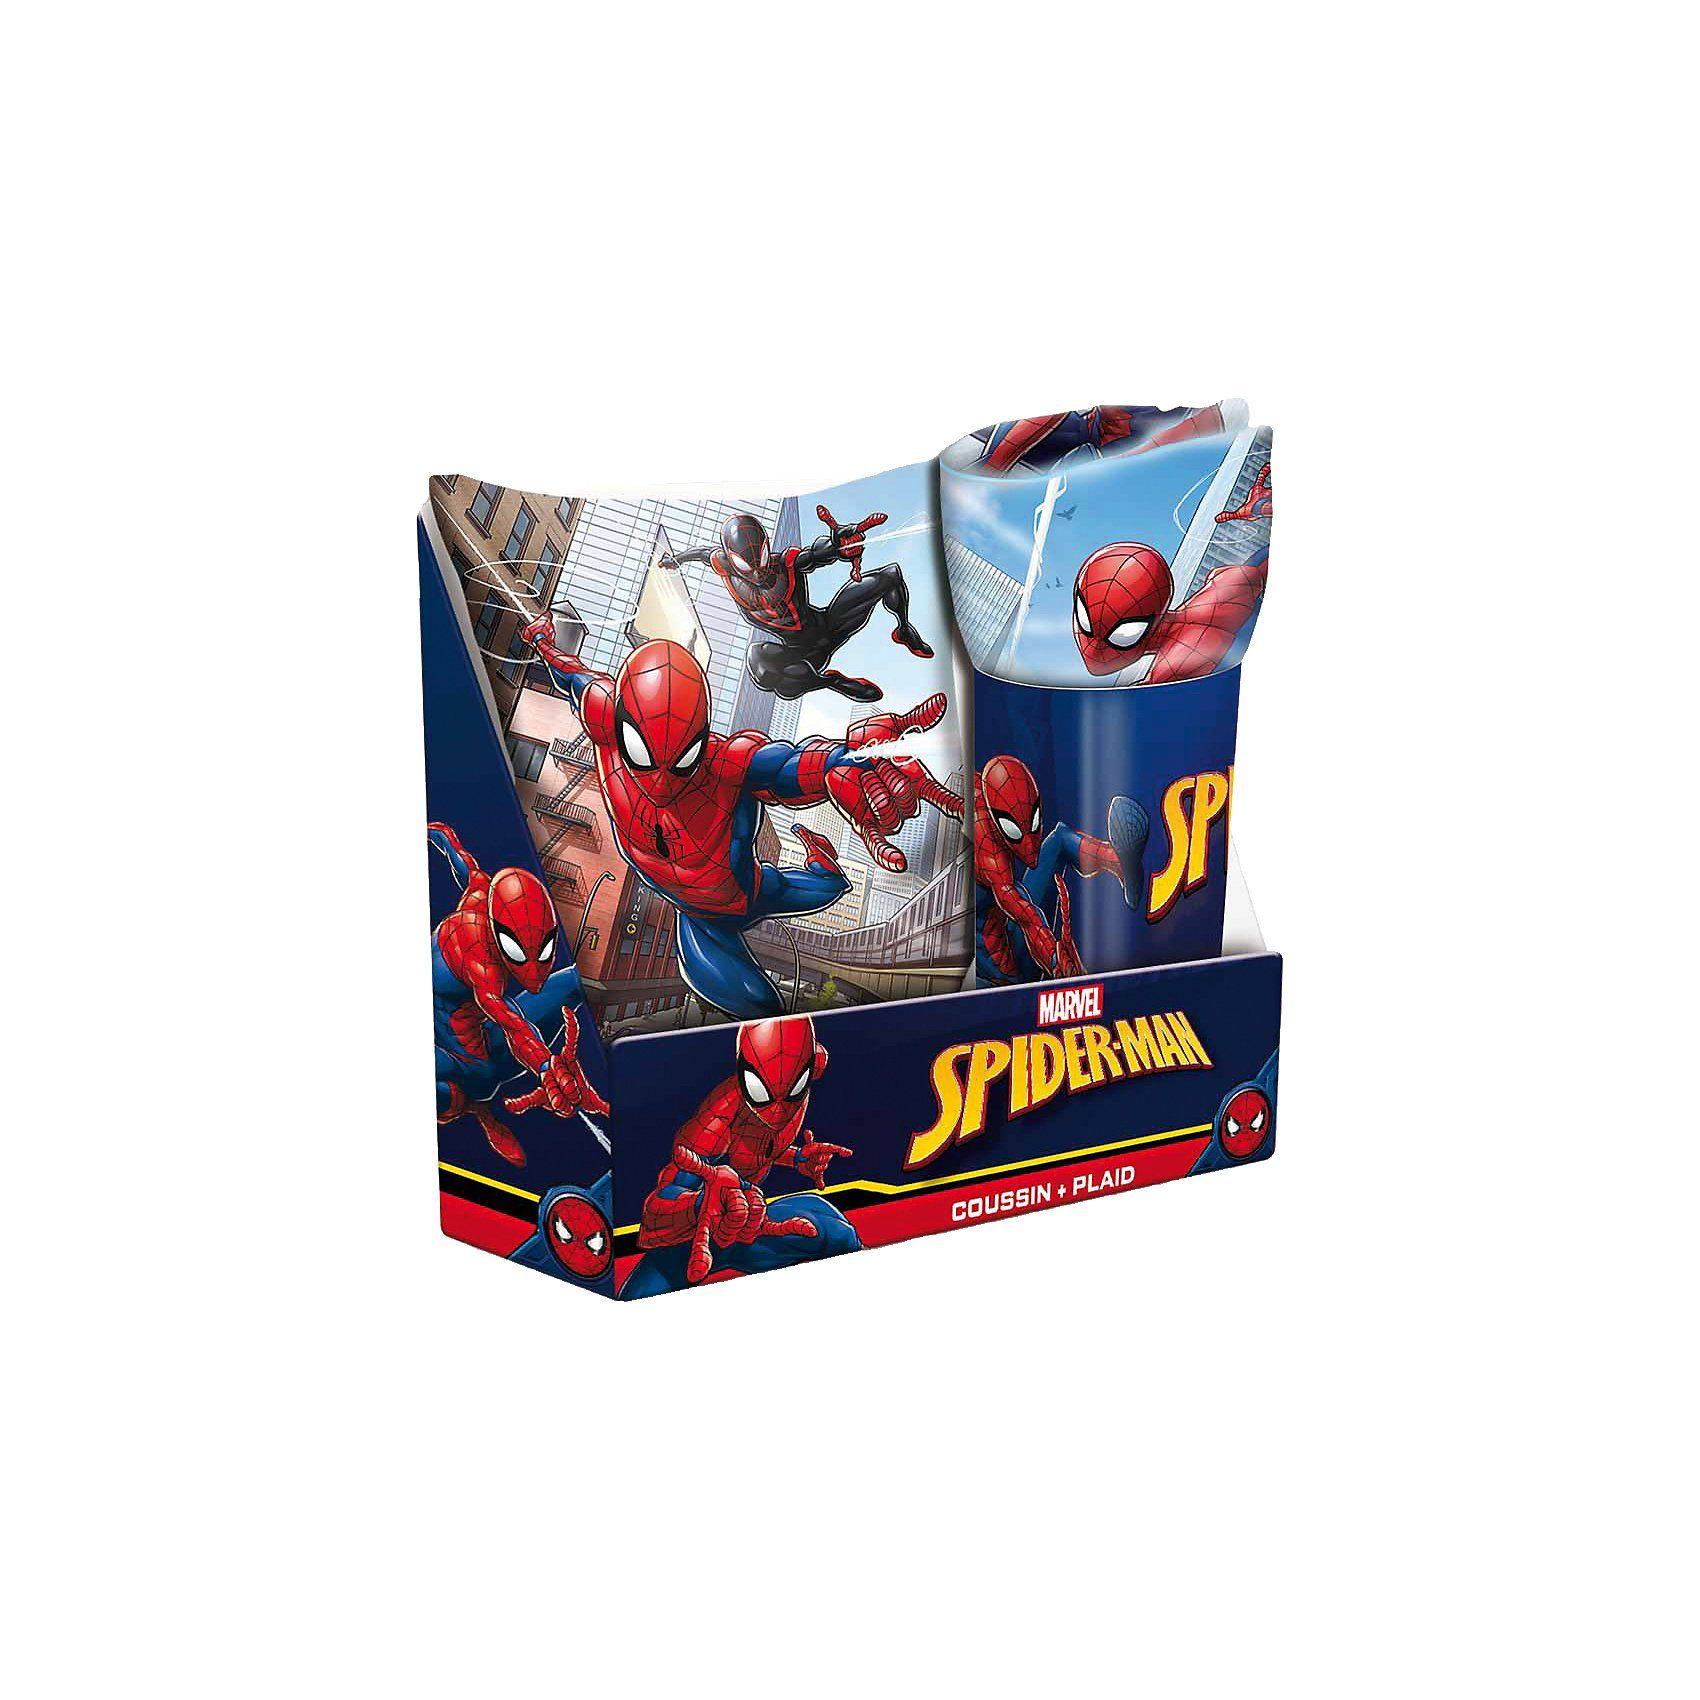 Geschenkset Spider-Man, Kissen & Decke, 2-tlg.